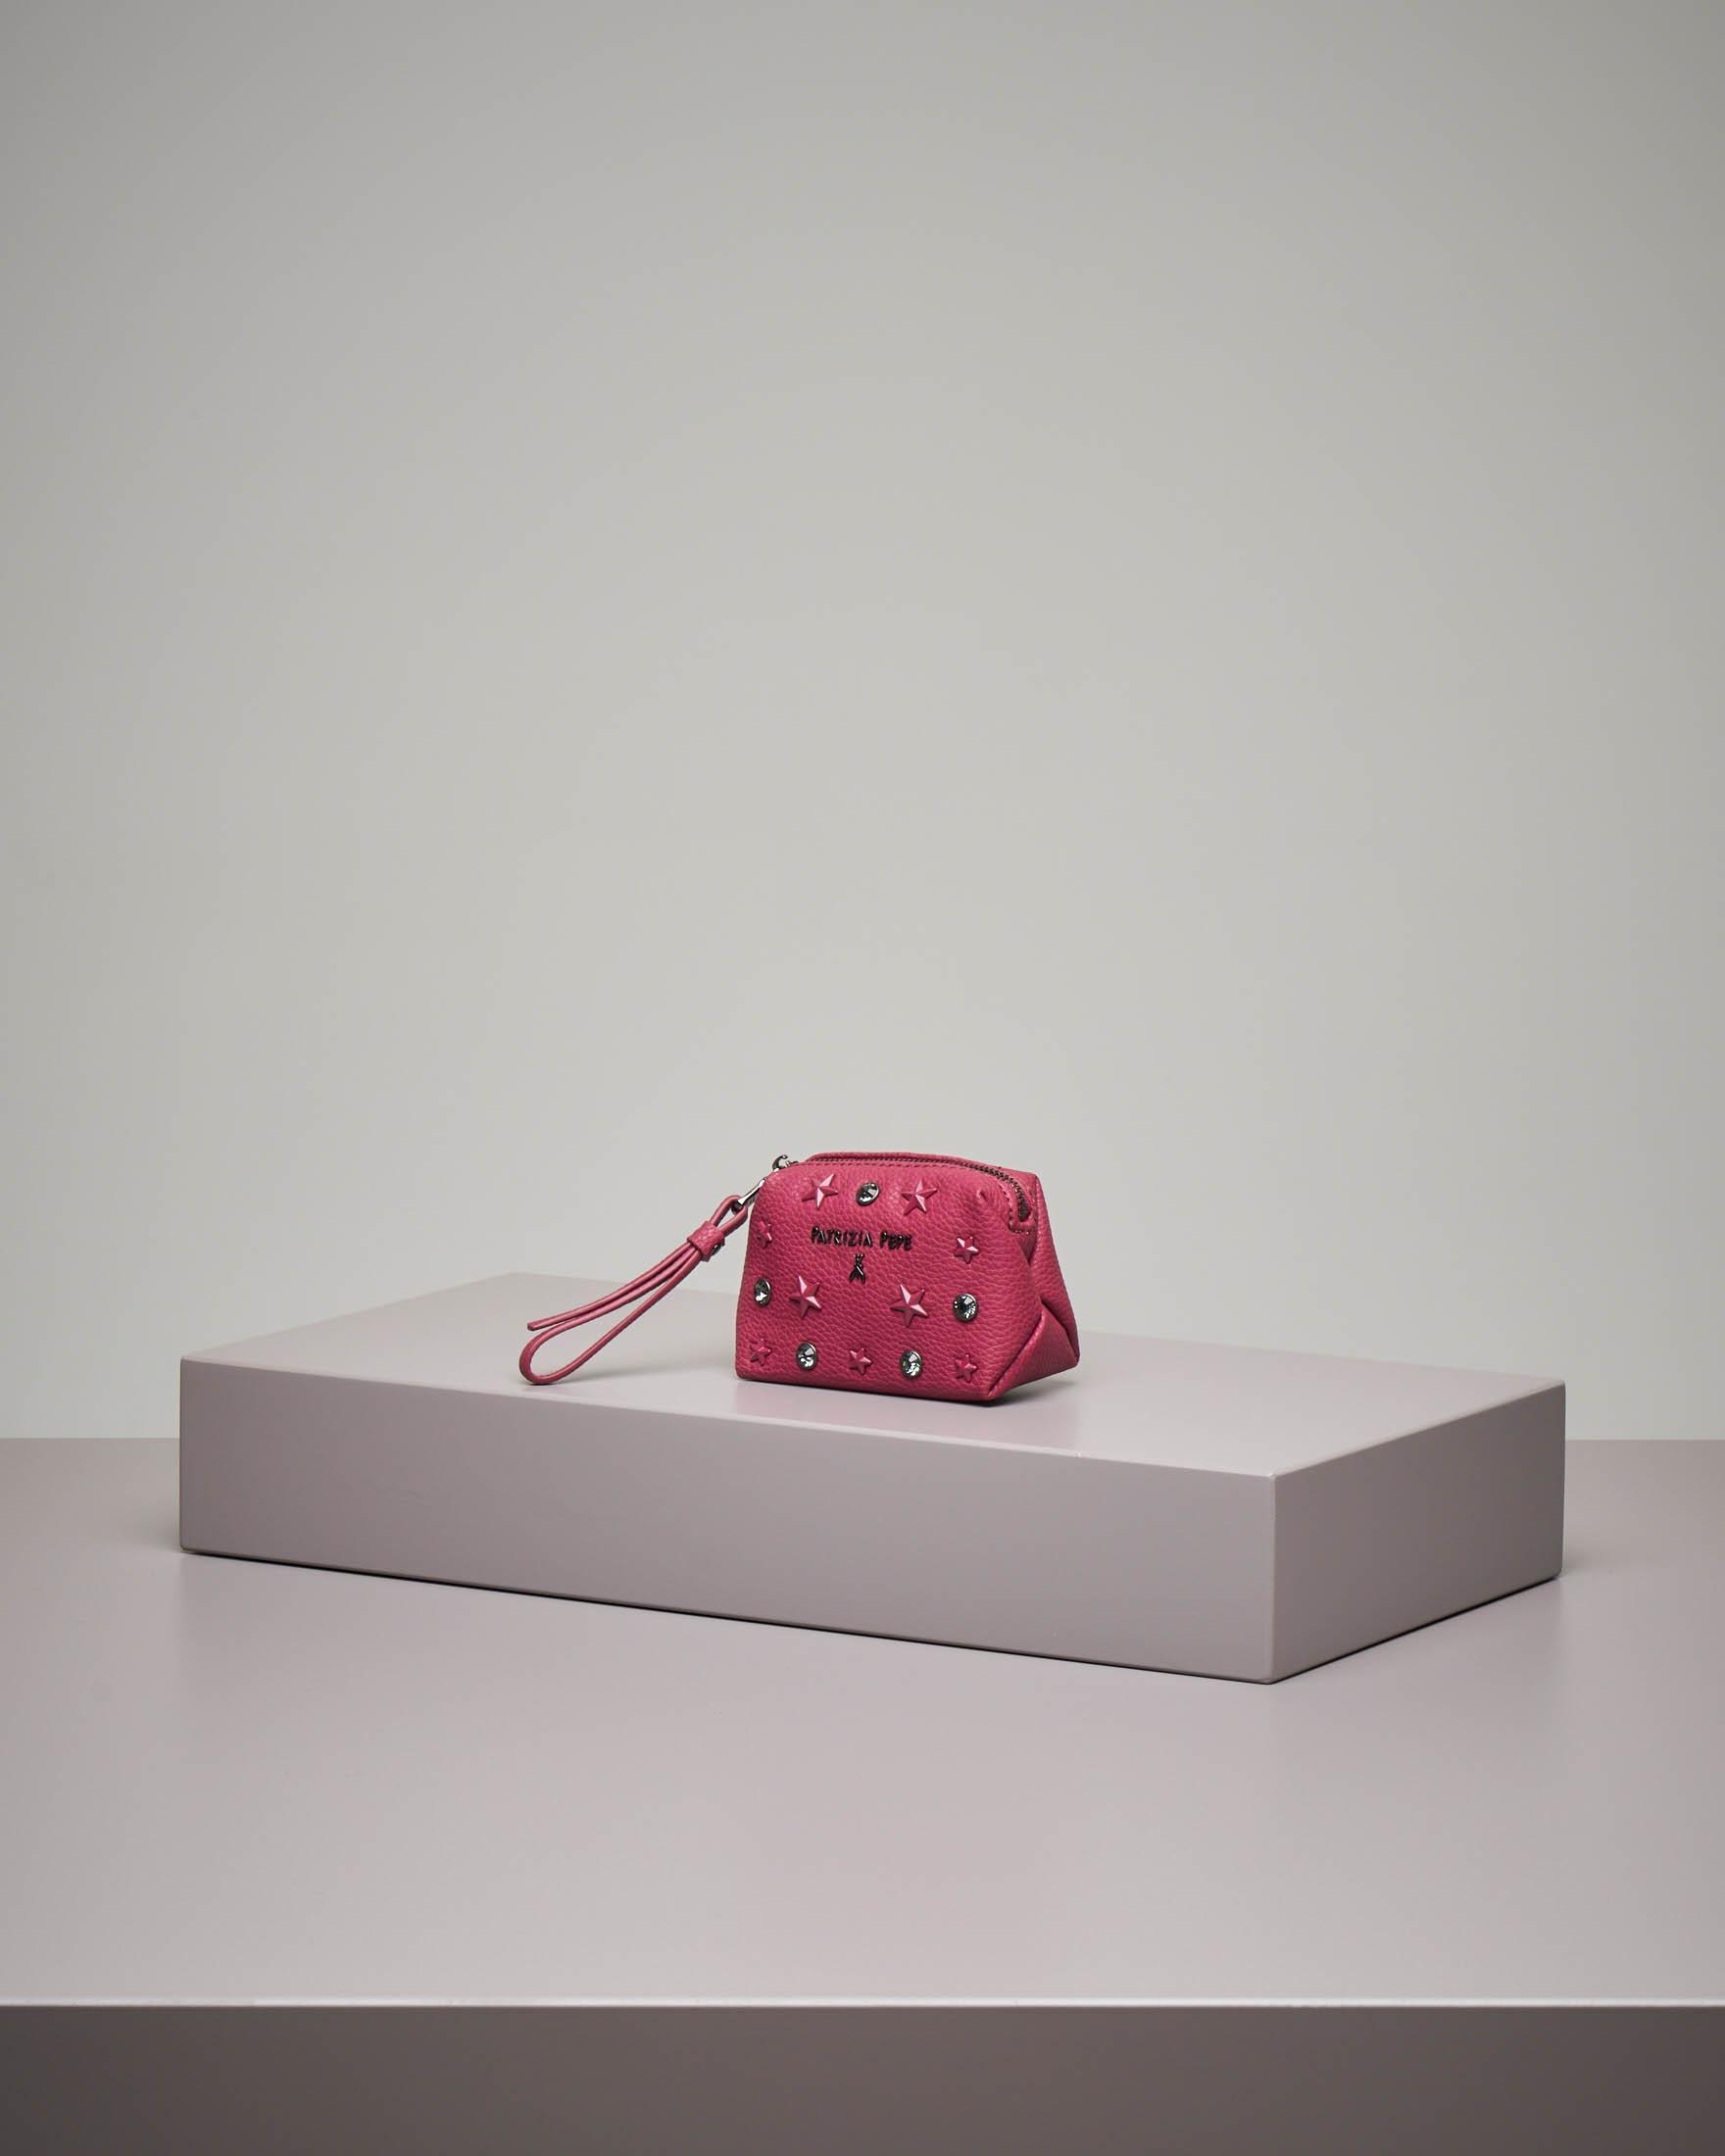 Portamonete piccolo rosa con strass